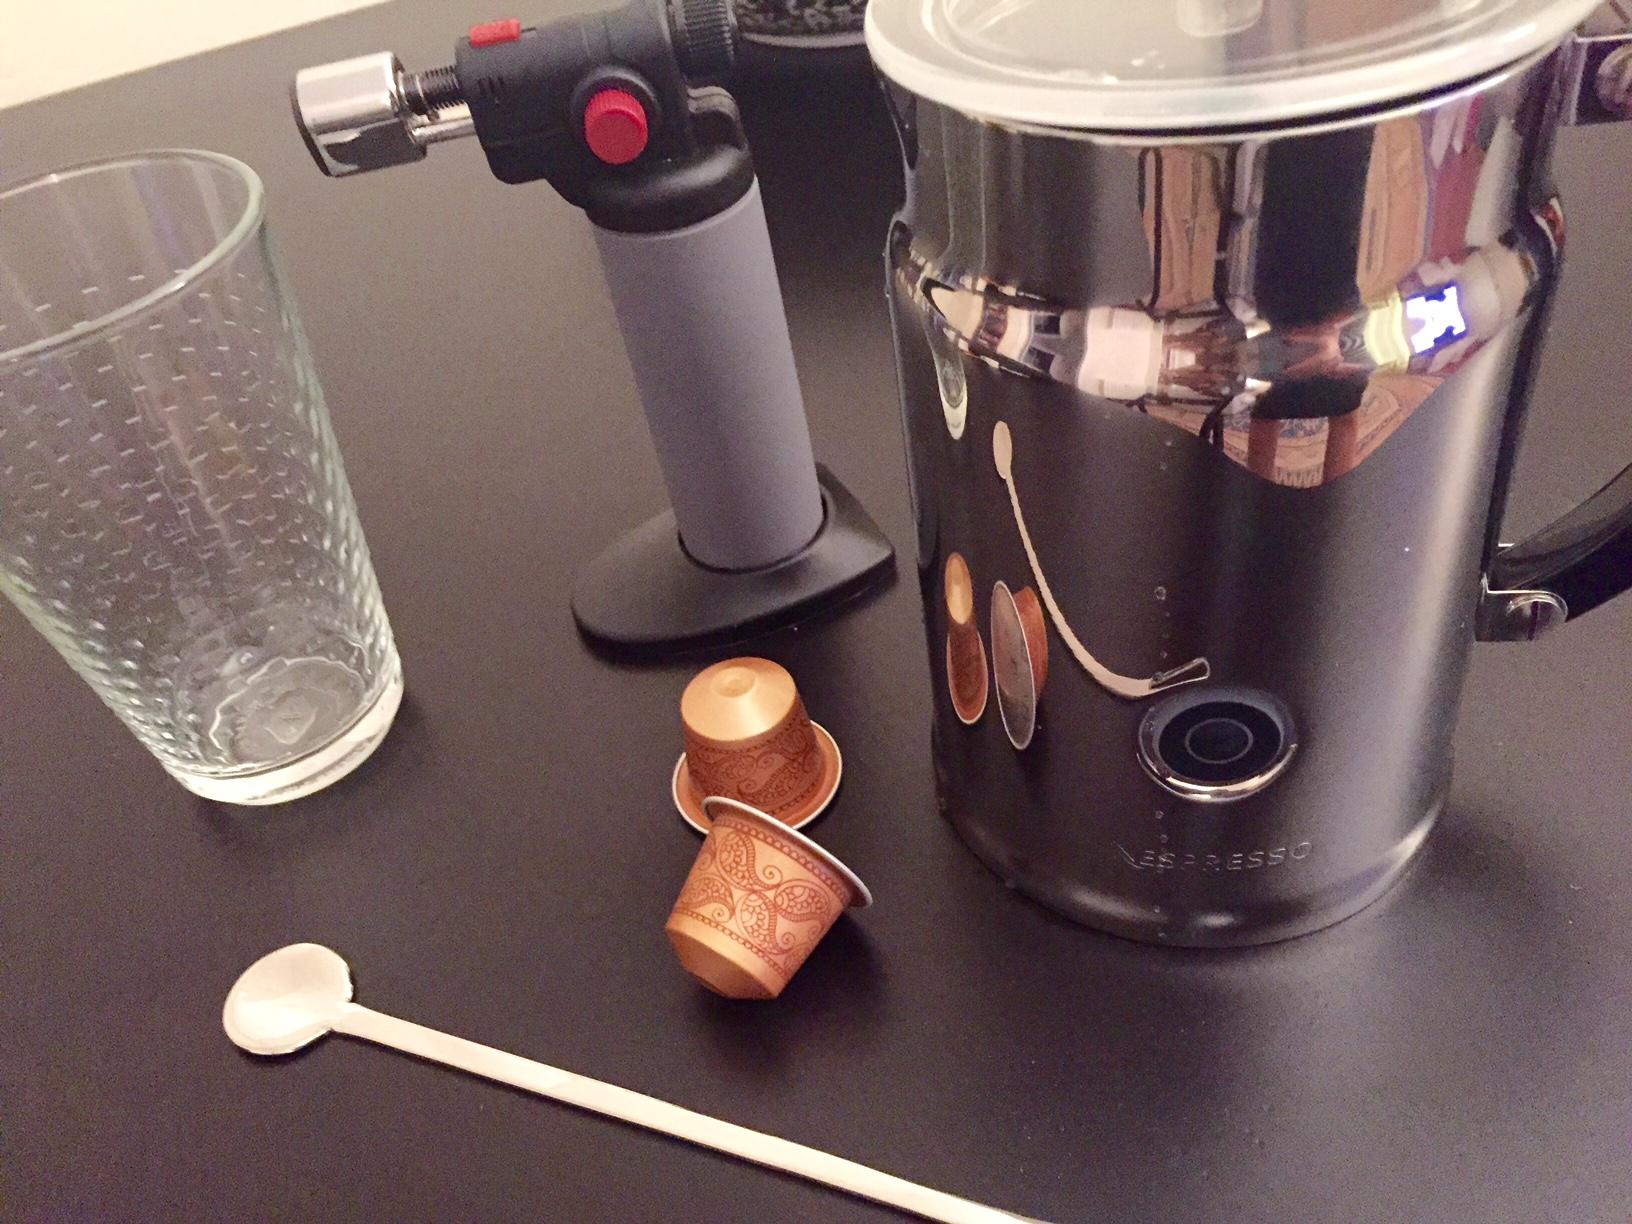 strumenti-aramel-three-master-nespresso-ricetta-merenda-monsoon malabar-non-si-dice-piacere-ricevere-ospiti-blog-buone-maniere.jpg